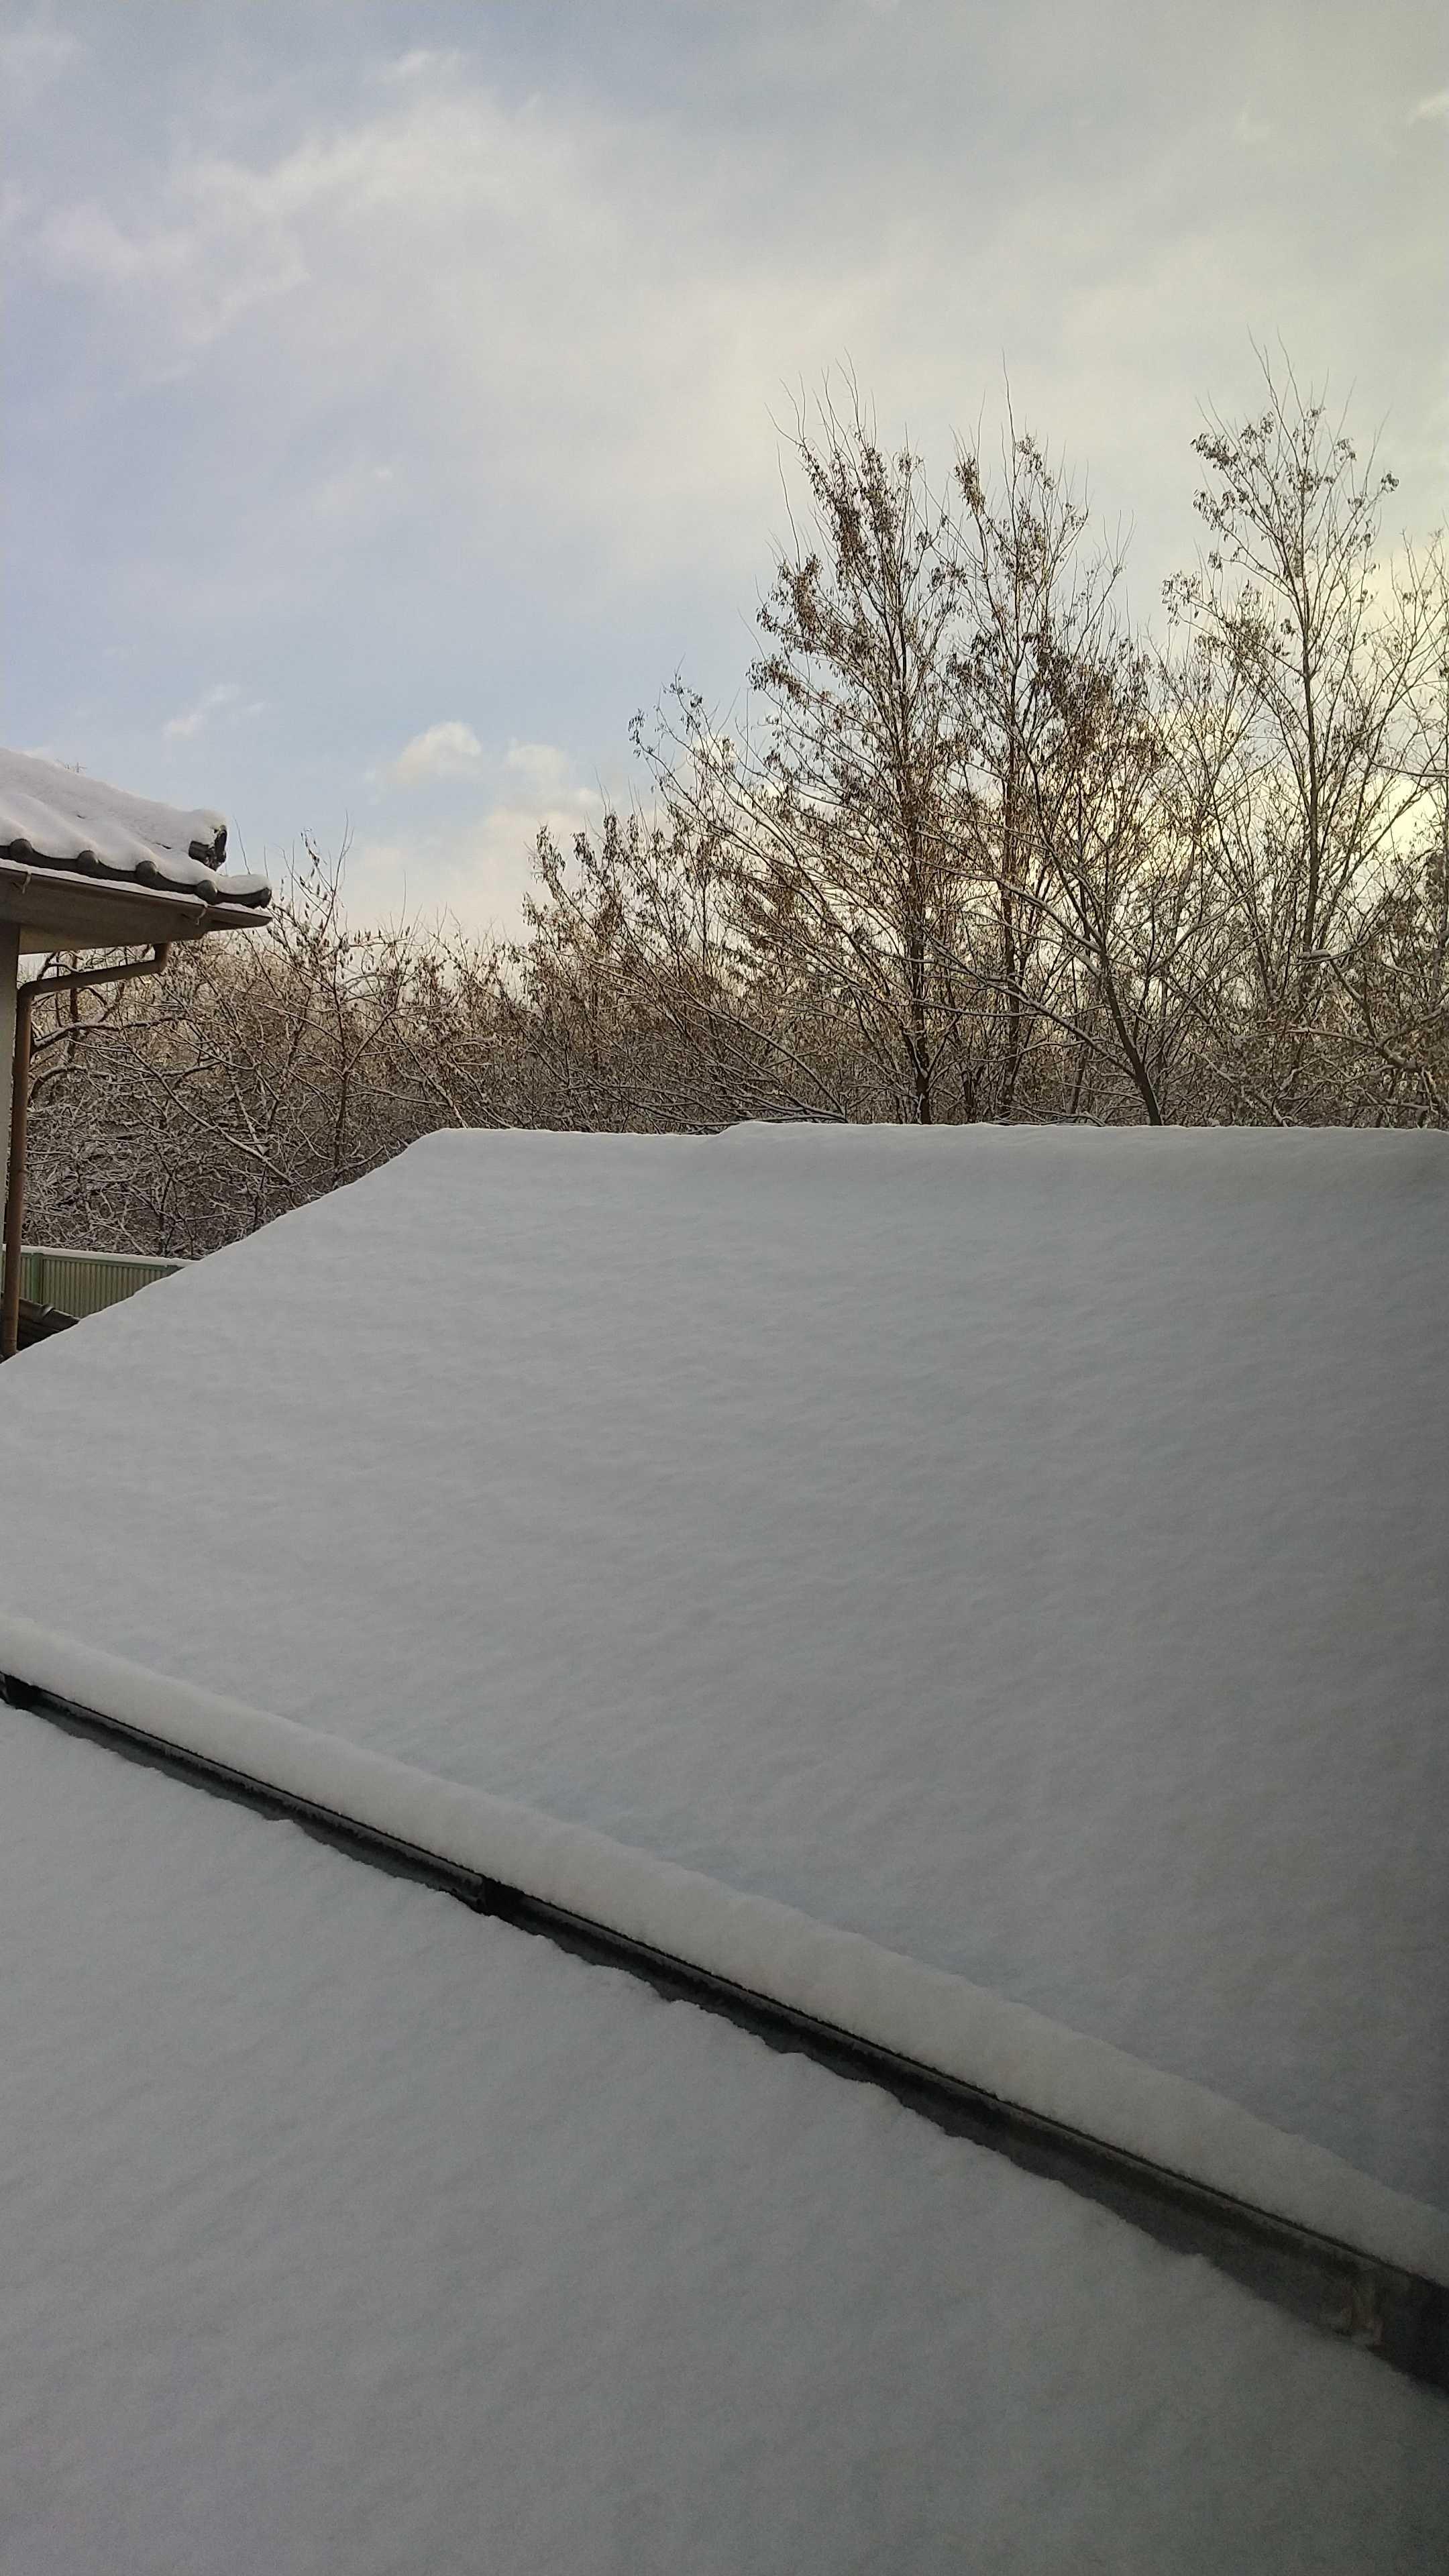 は 降る か 雪が 今年